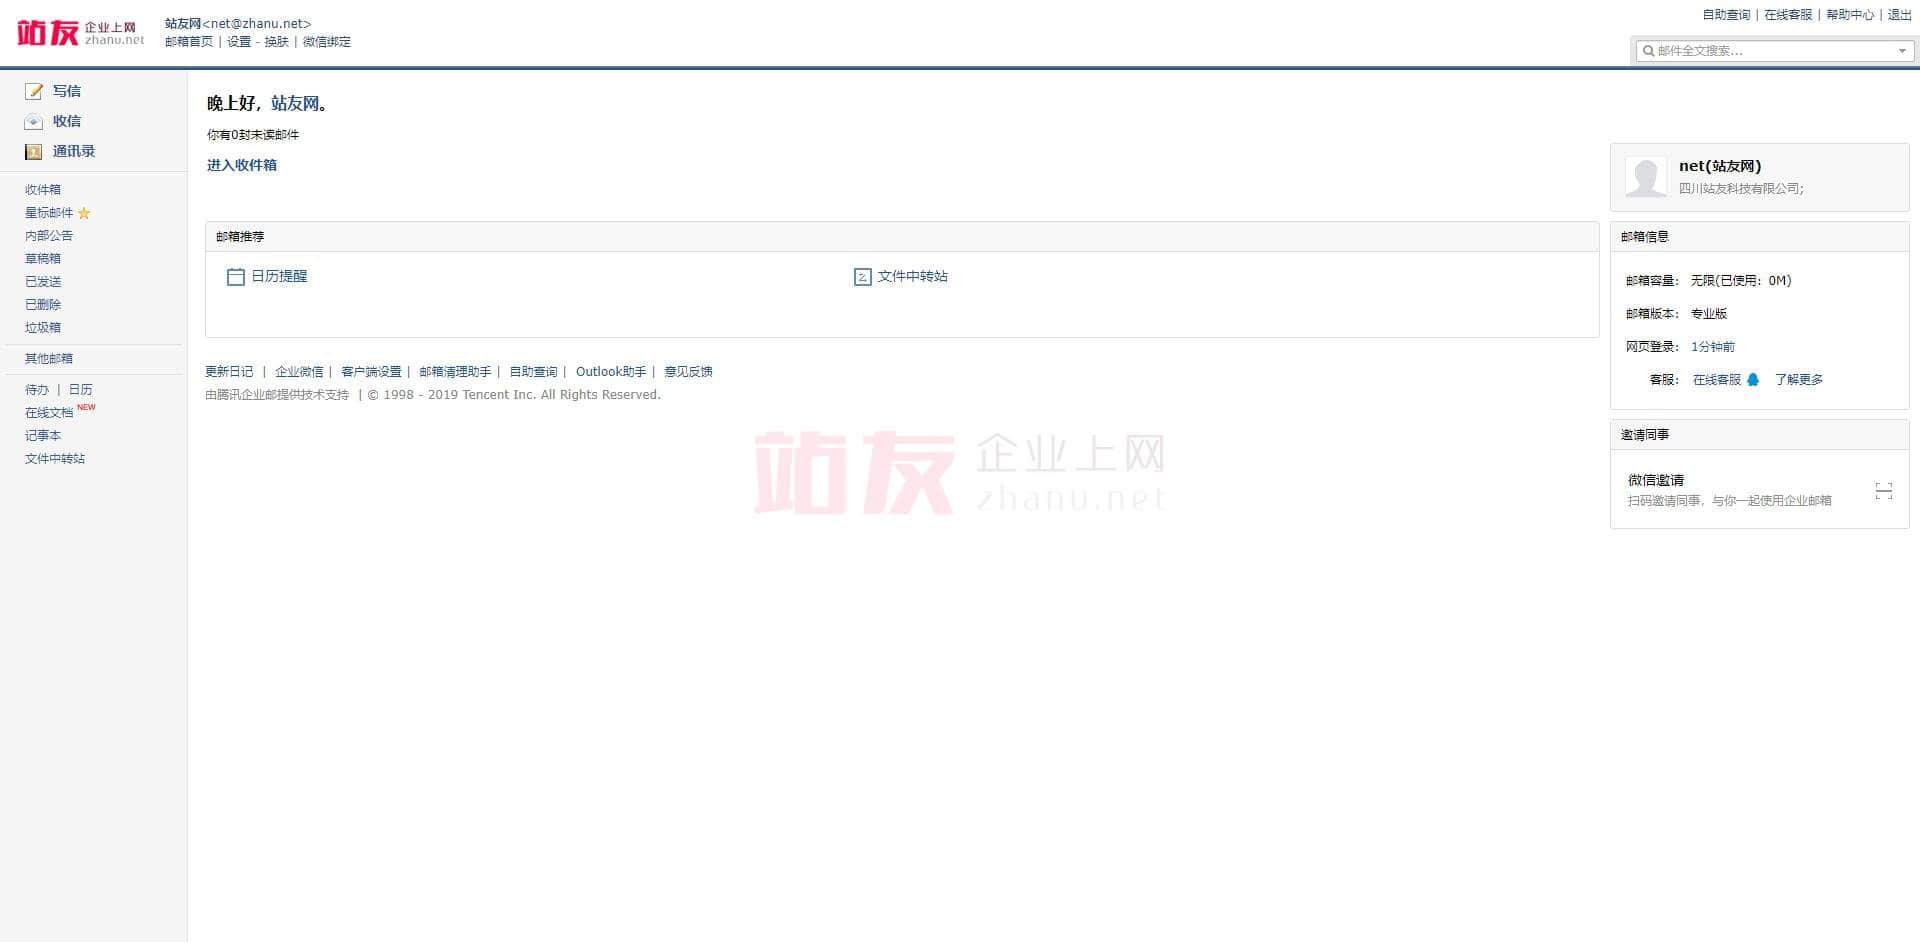 公司如何申请免费的企业邮箱:net@zhanu.net